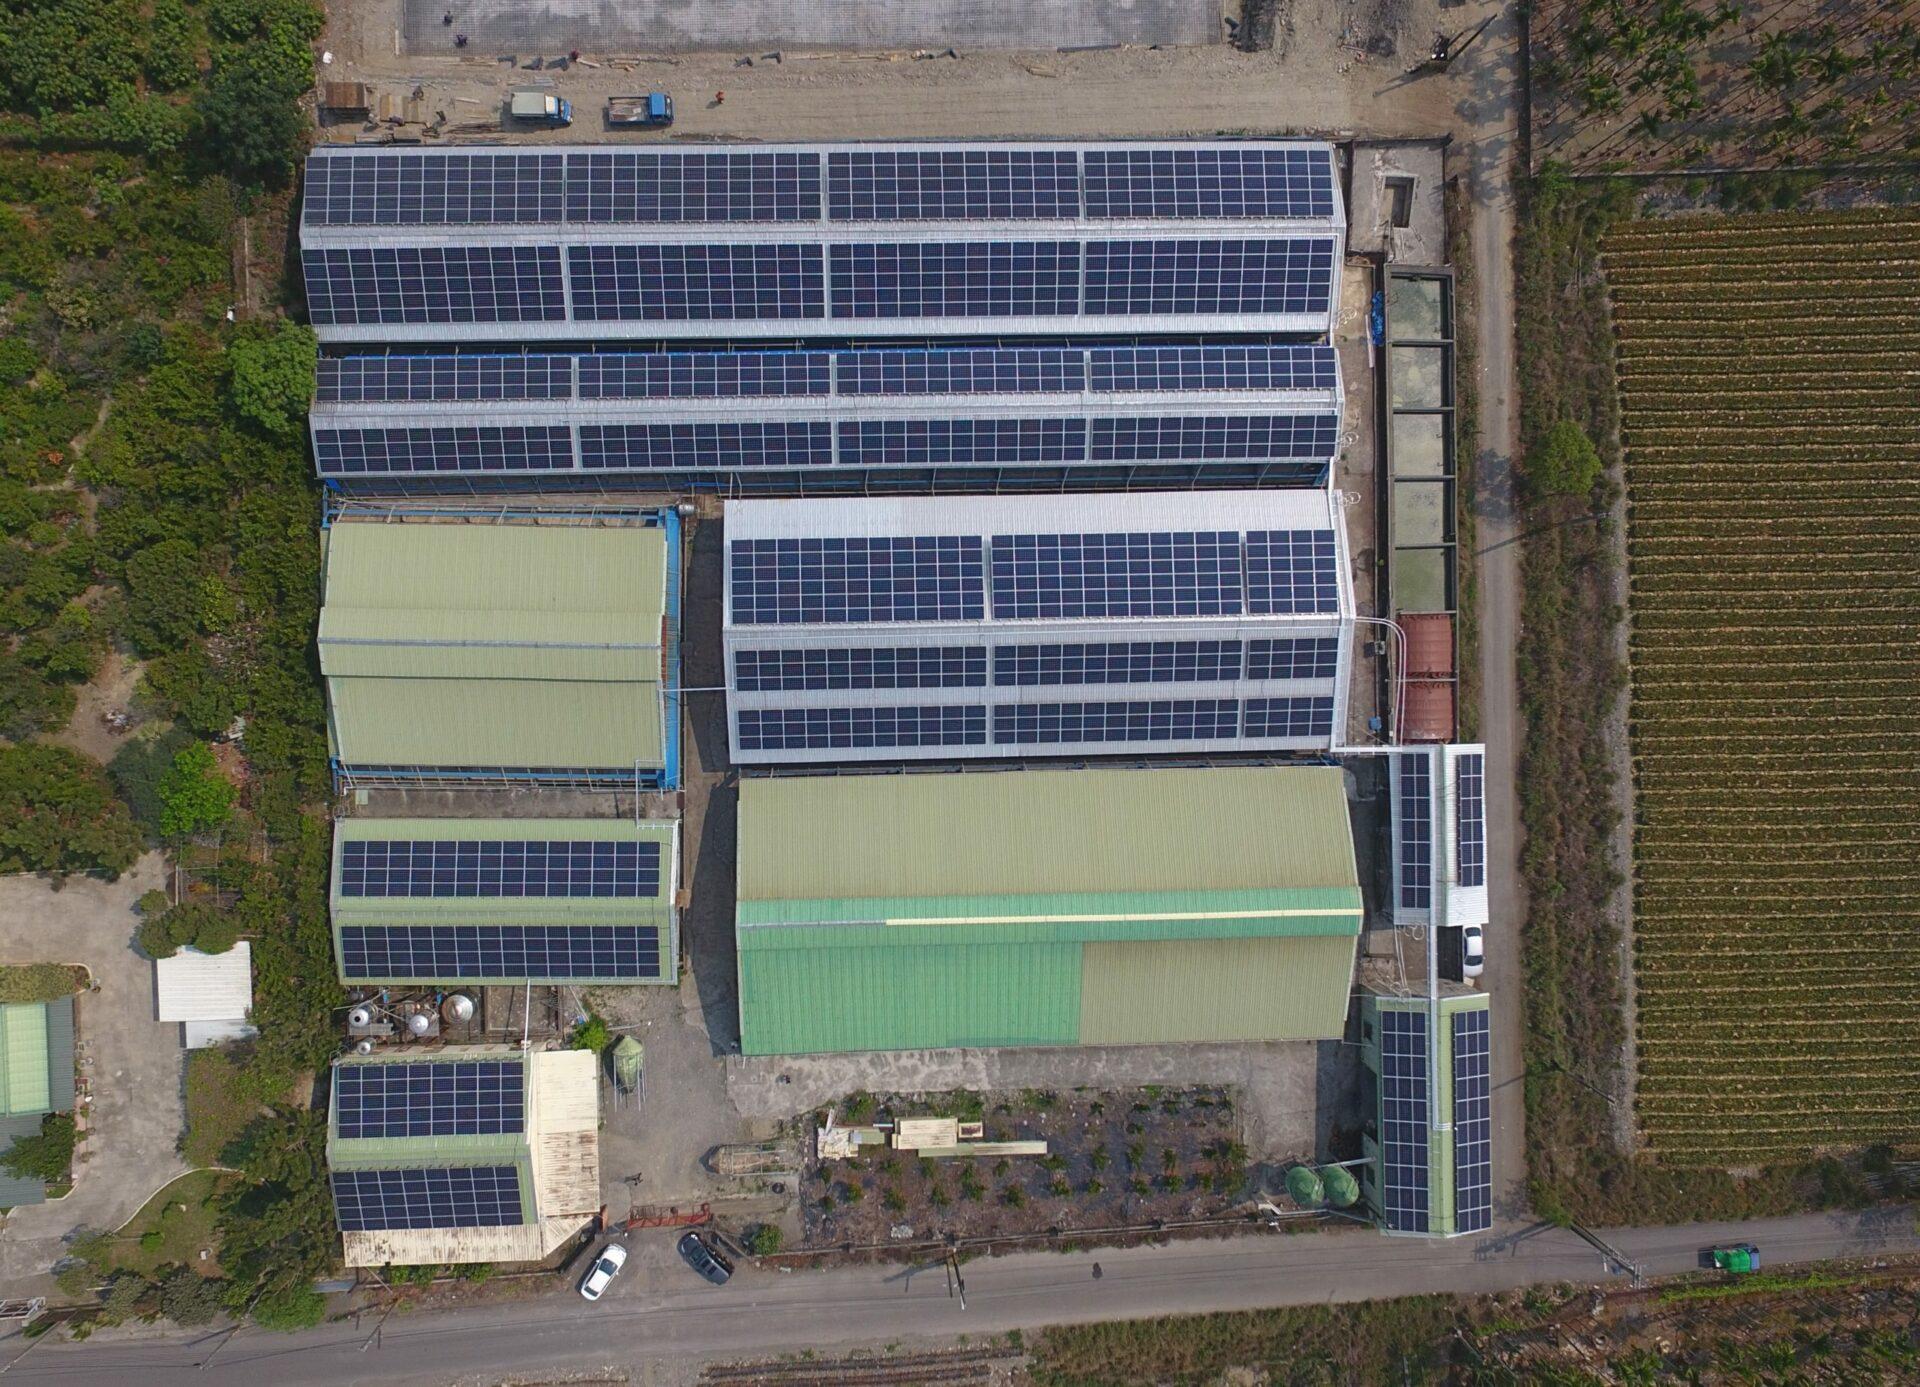 太陽能發電|太陽能板安裝|屏東縣長治鄉廠房 388.2KW